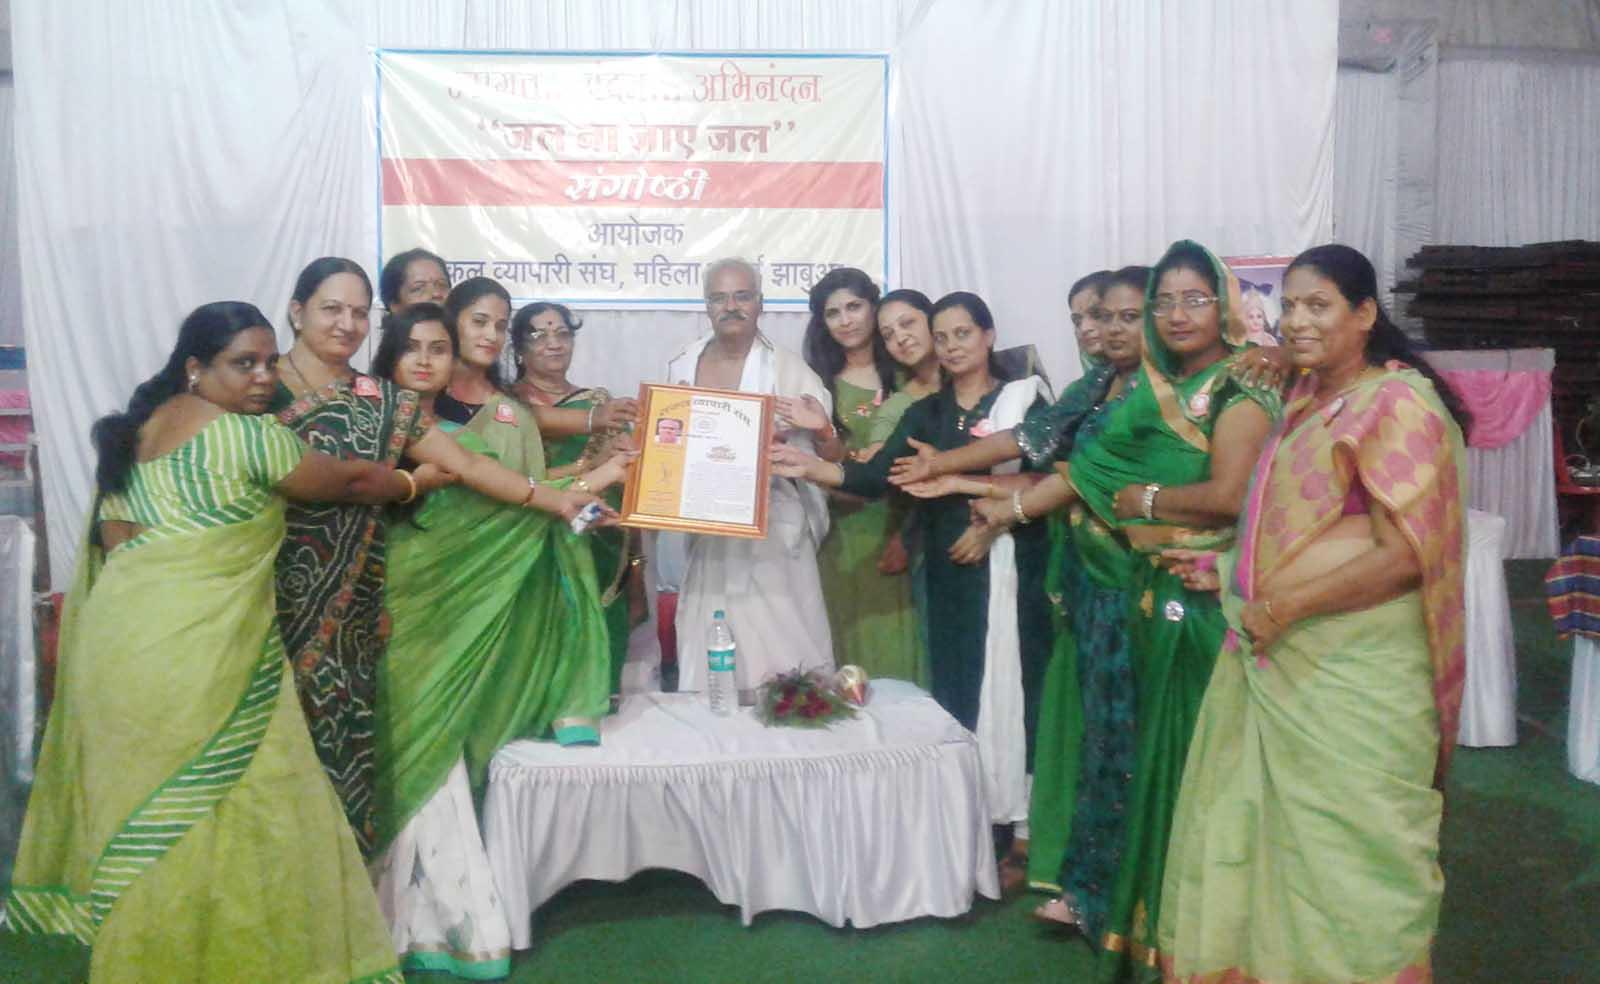 Jhabua News- सकल व्यापारी संघ महिला इकाई ने 'जल ना जाए जल' विषय पर किया संगोष्ठी का आयोजन